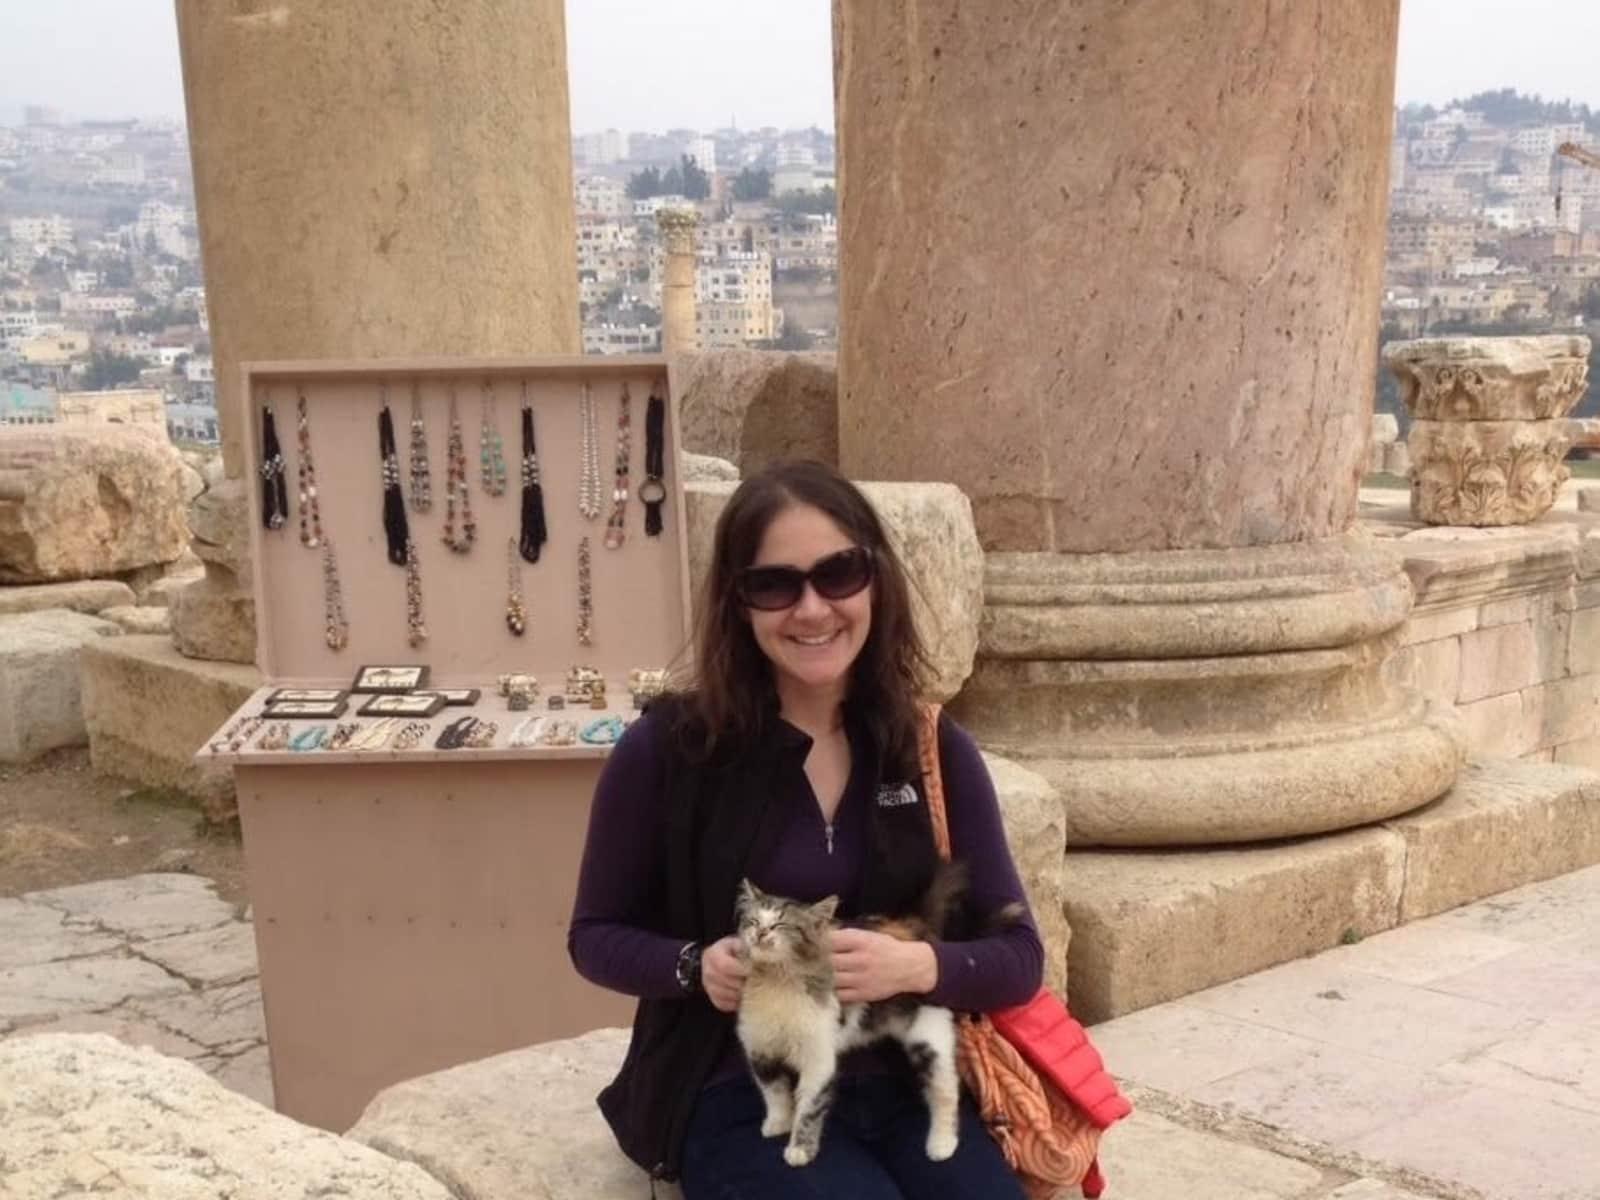 Rebecca from Washington, D.C., Washington, D.C., United States